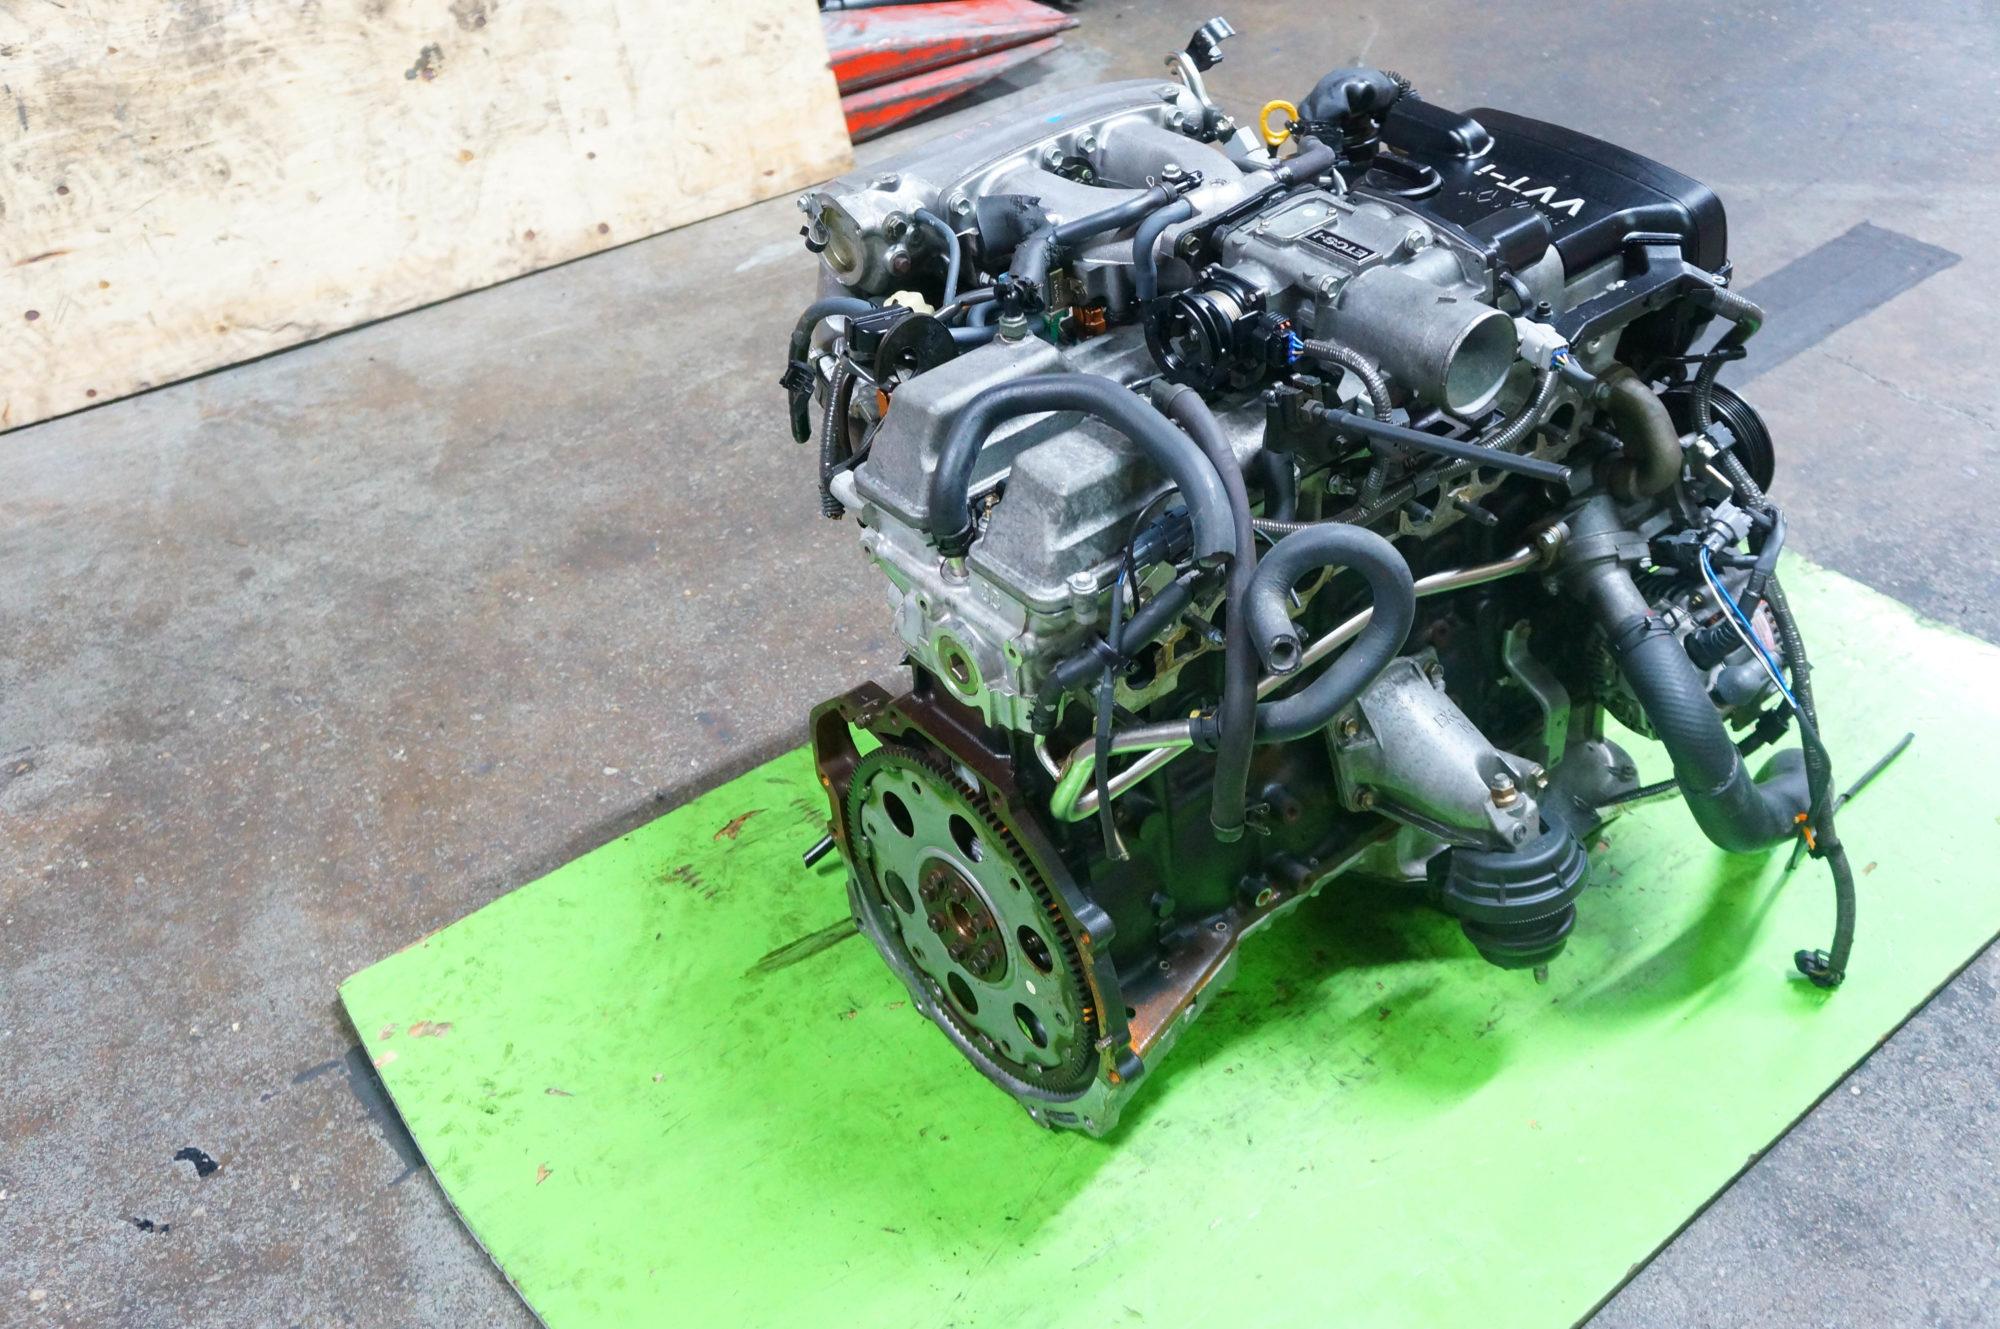 98-02 LEXUS GS300 ENGINE 2JZ 3.0L VVTi JDM 2JZ-GE